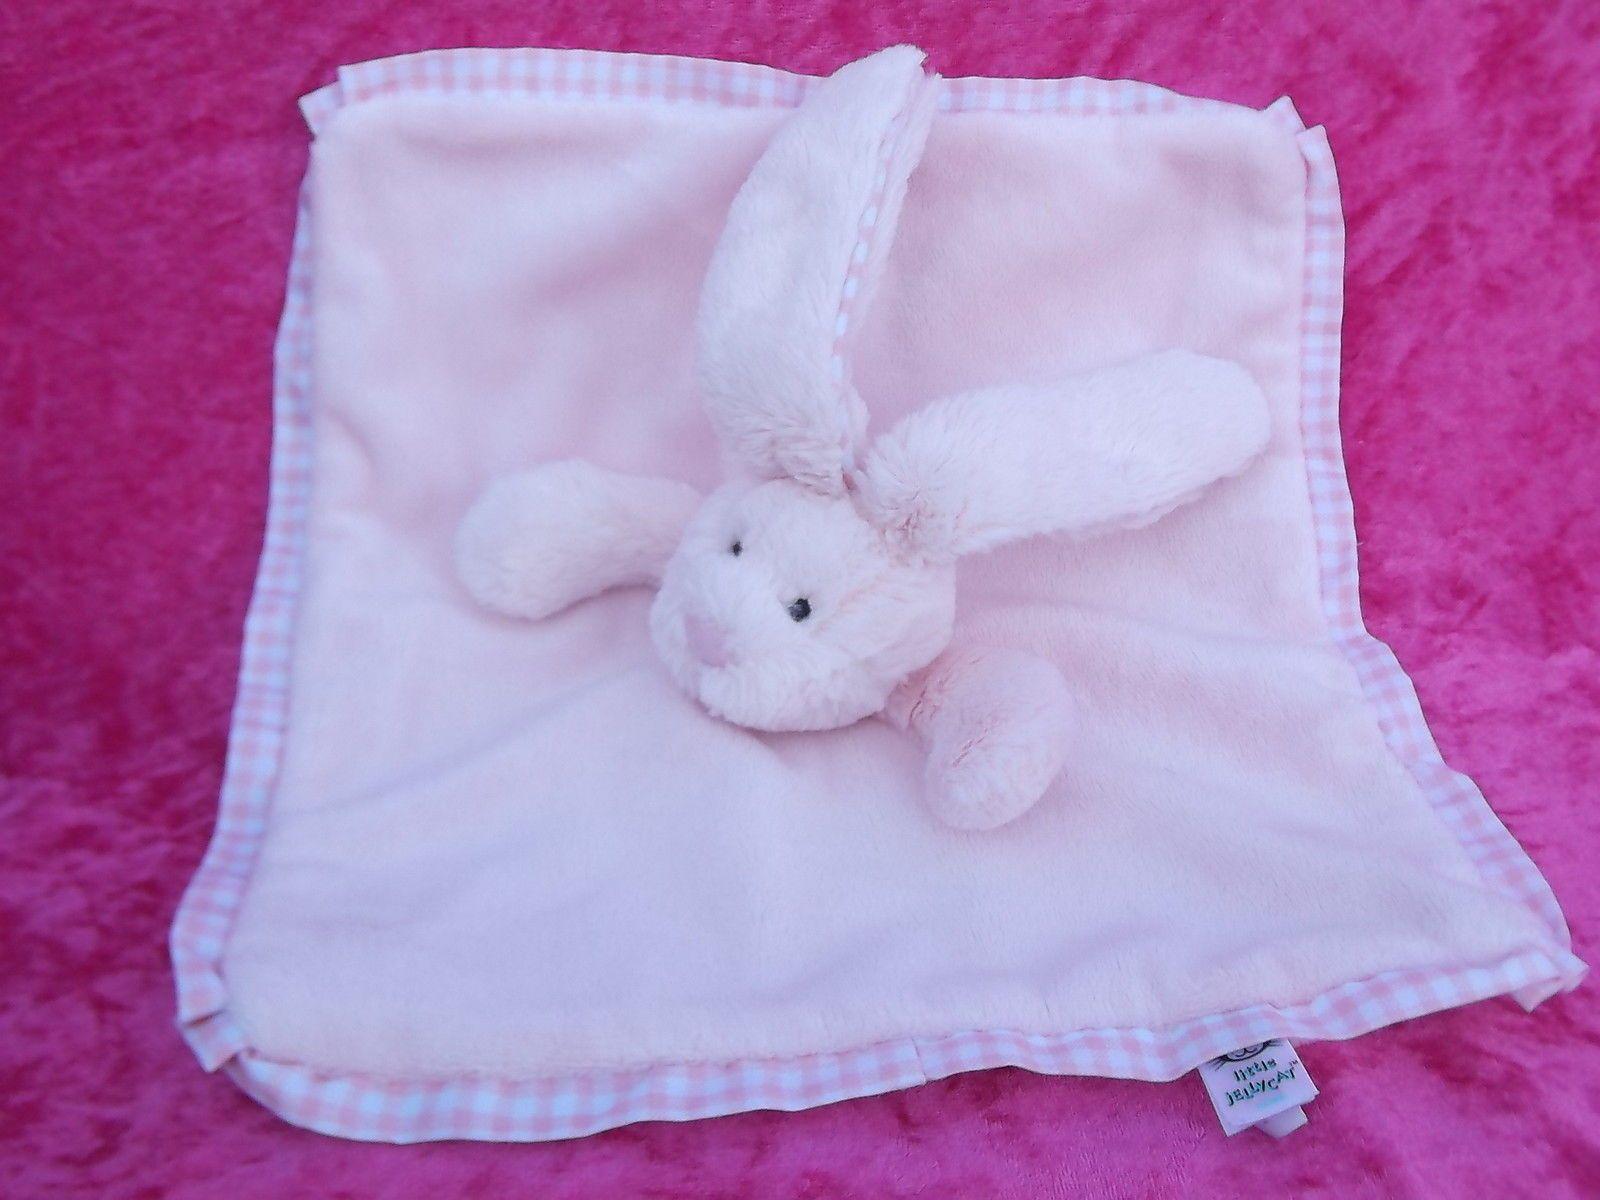 Jelly Kitten Pink Bunny Rabbit Comforter Blankie Doudou Soft Toy Jellycat Uk Picclick Com